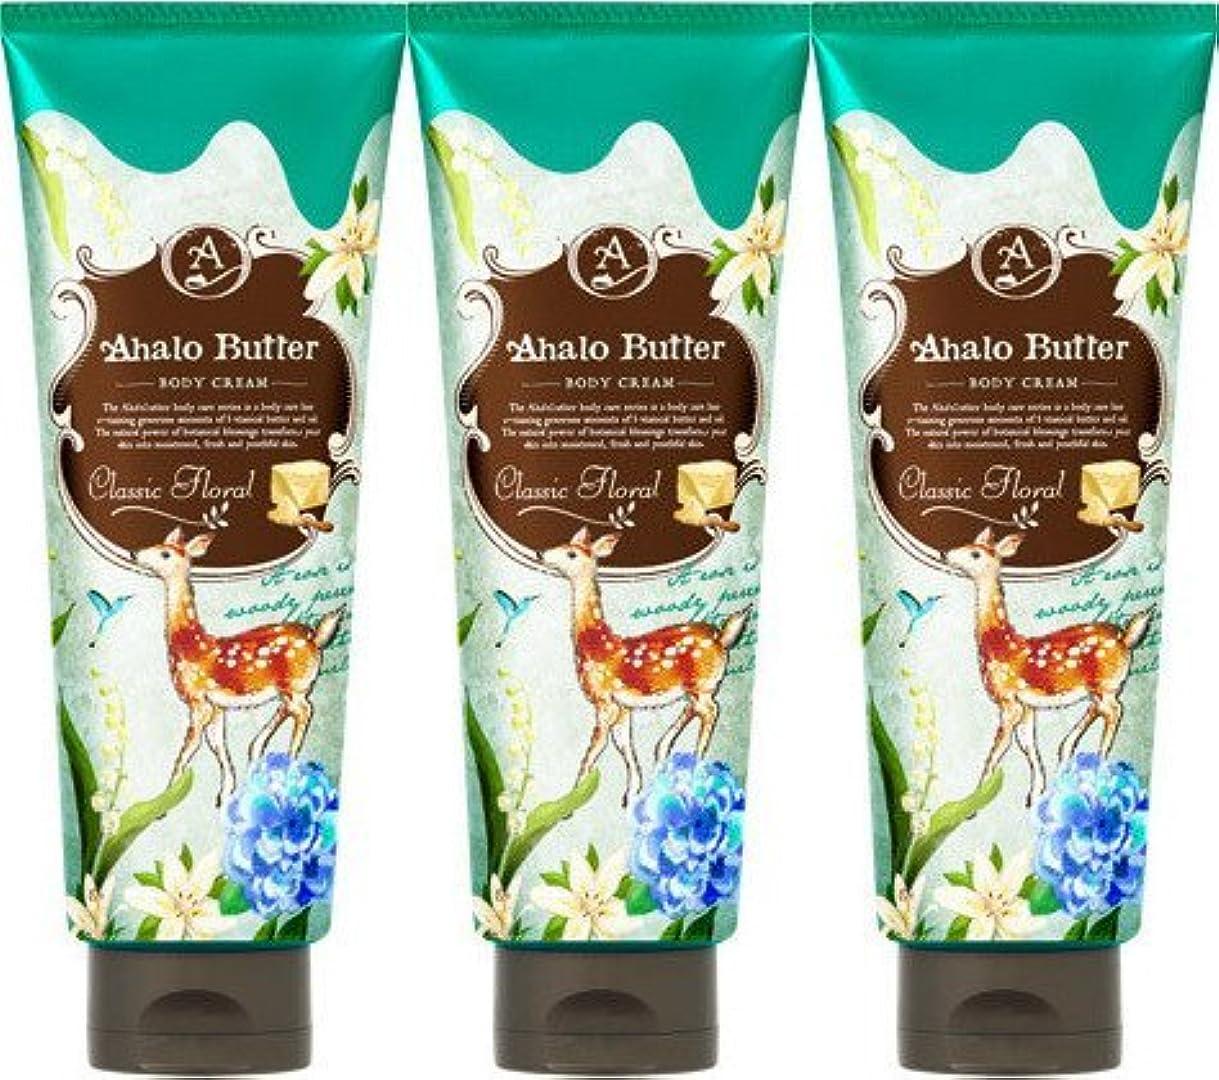 タバコストレッチ引き金【3個セット】Ahalo butter(アハロバター) ボディクリーム クラシックフローラル 150g